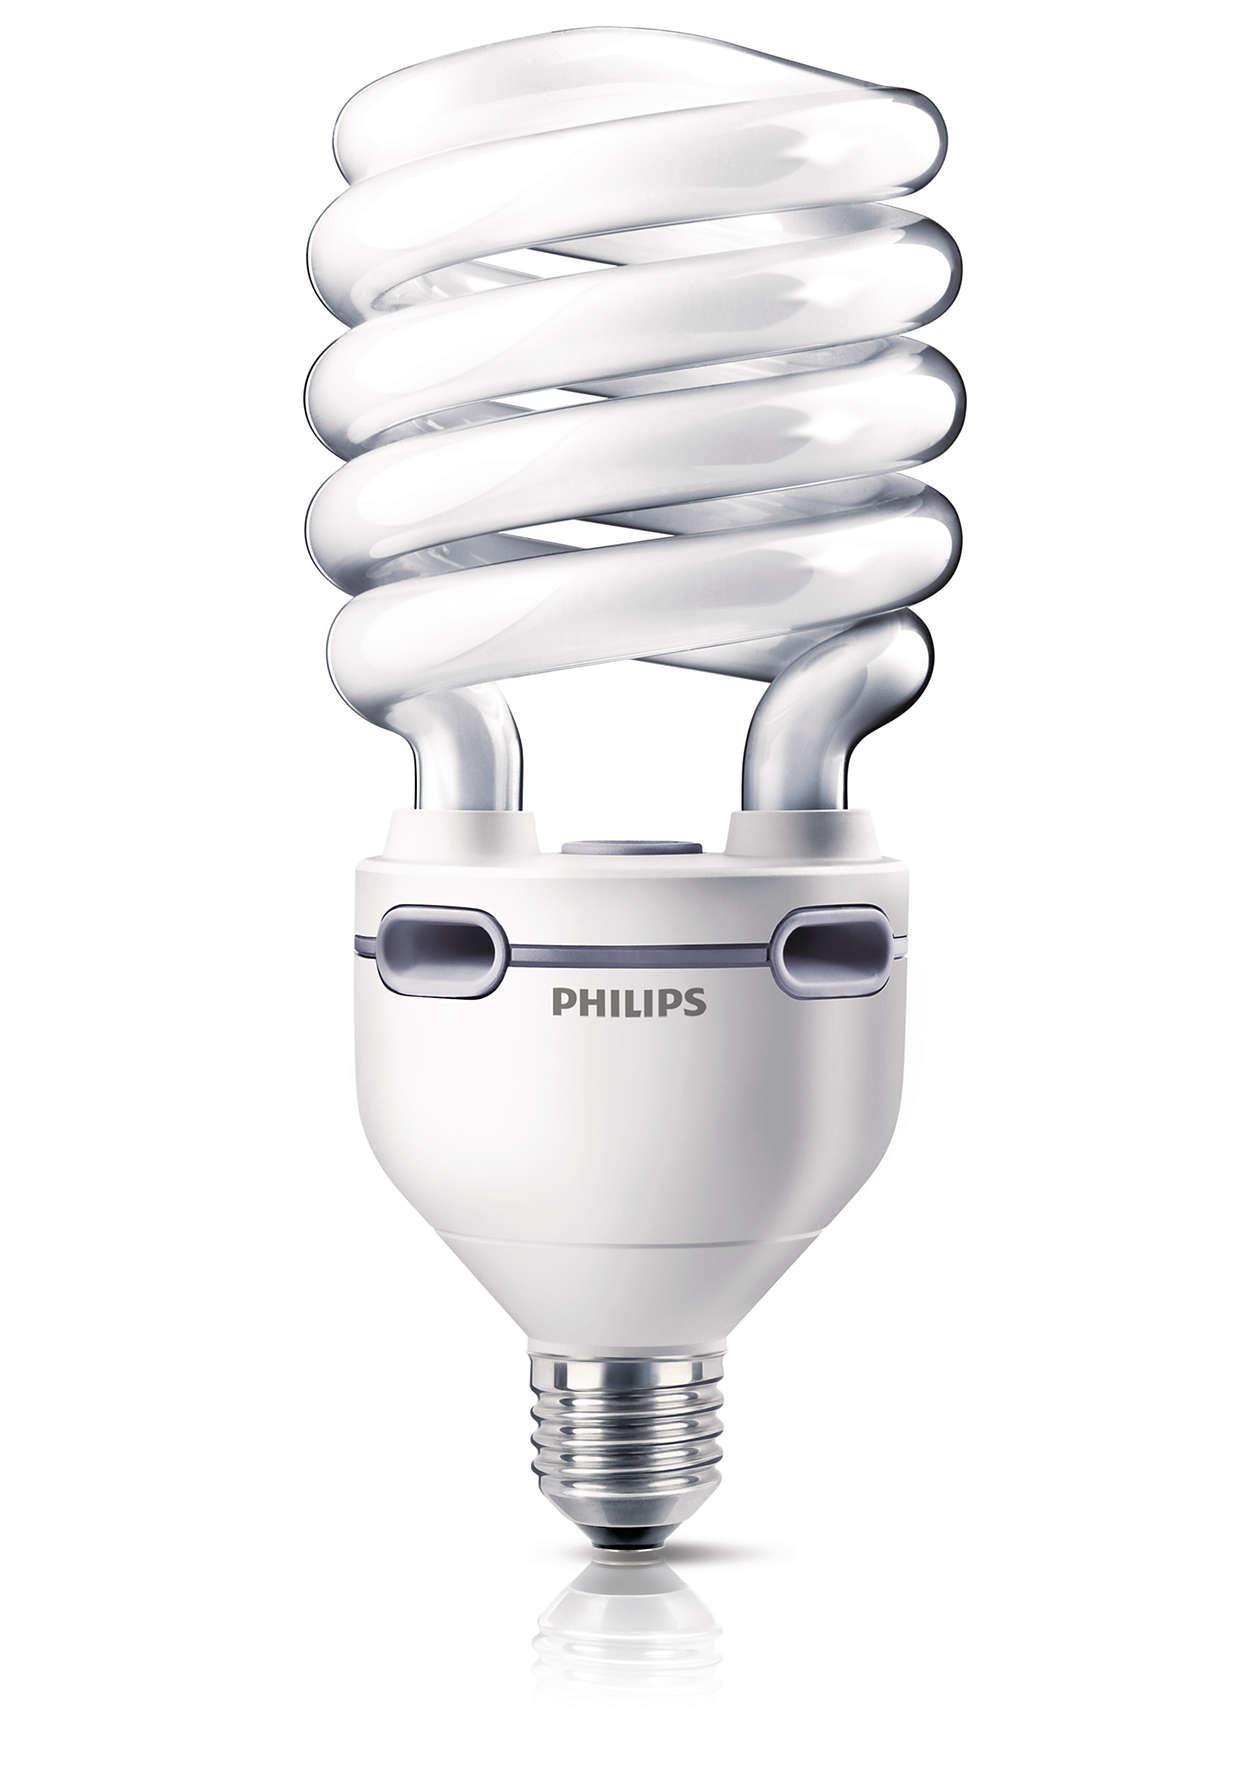 Fremragende høy lysstyrke med utmerket design og ytelse